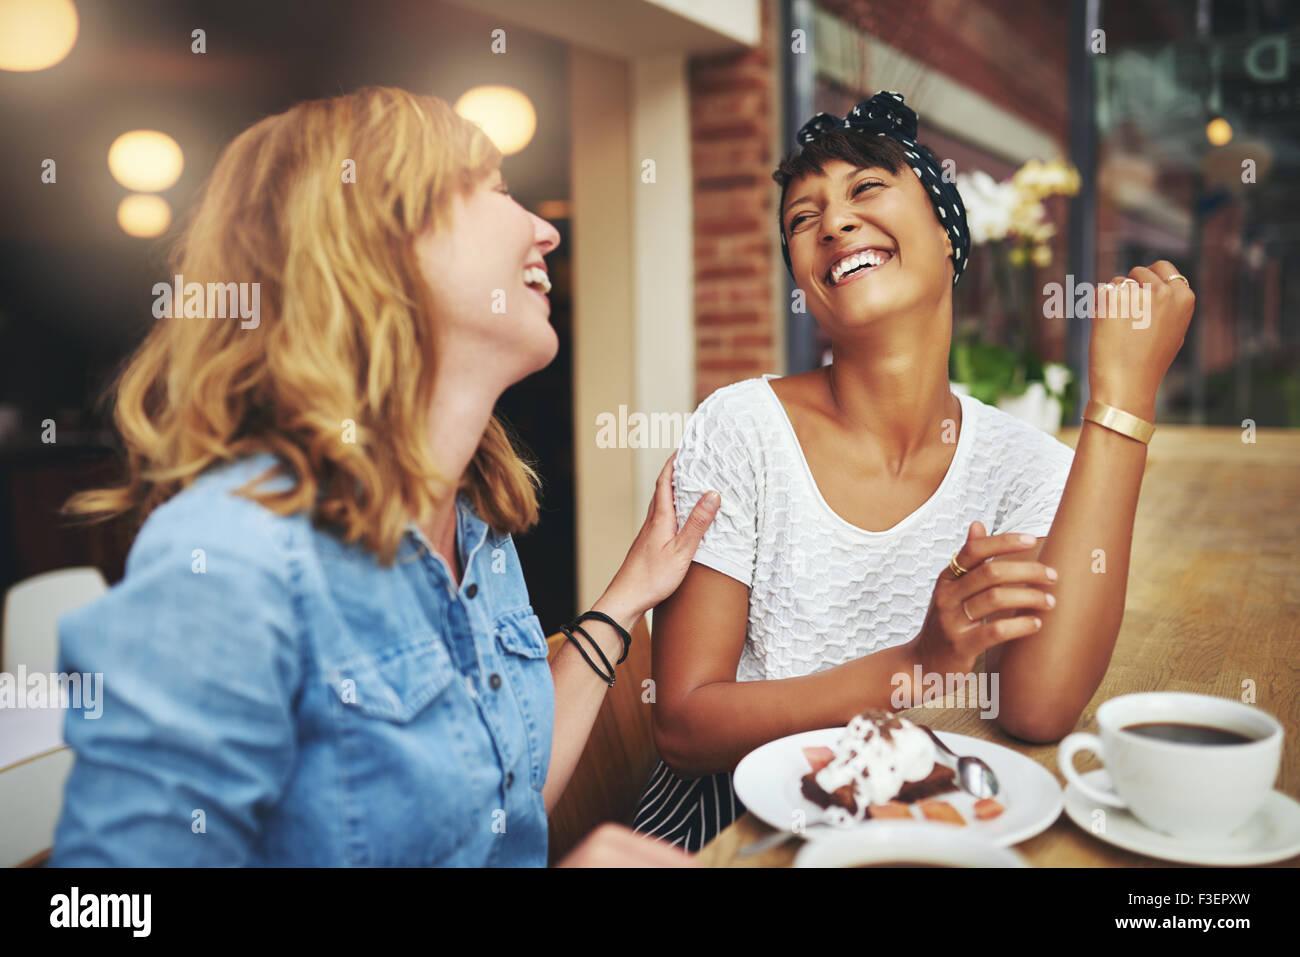 Zwei multiethnischen Junge weibliche Freunde Kaffee zusammen in einem Restaurant, Lachen und Scherzen berühren Stockbild